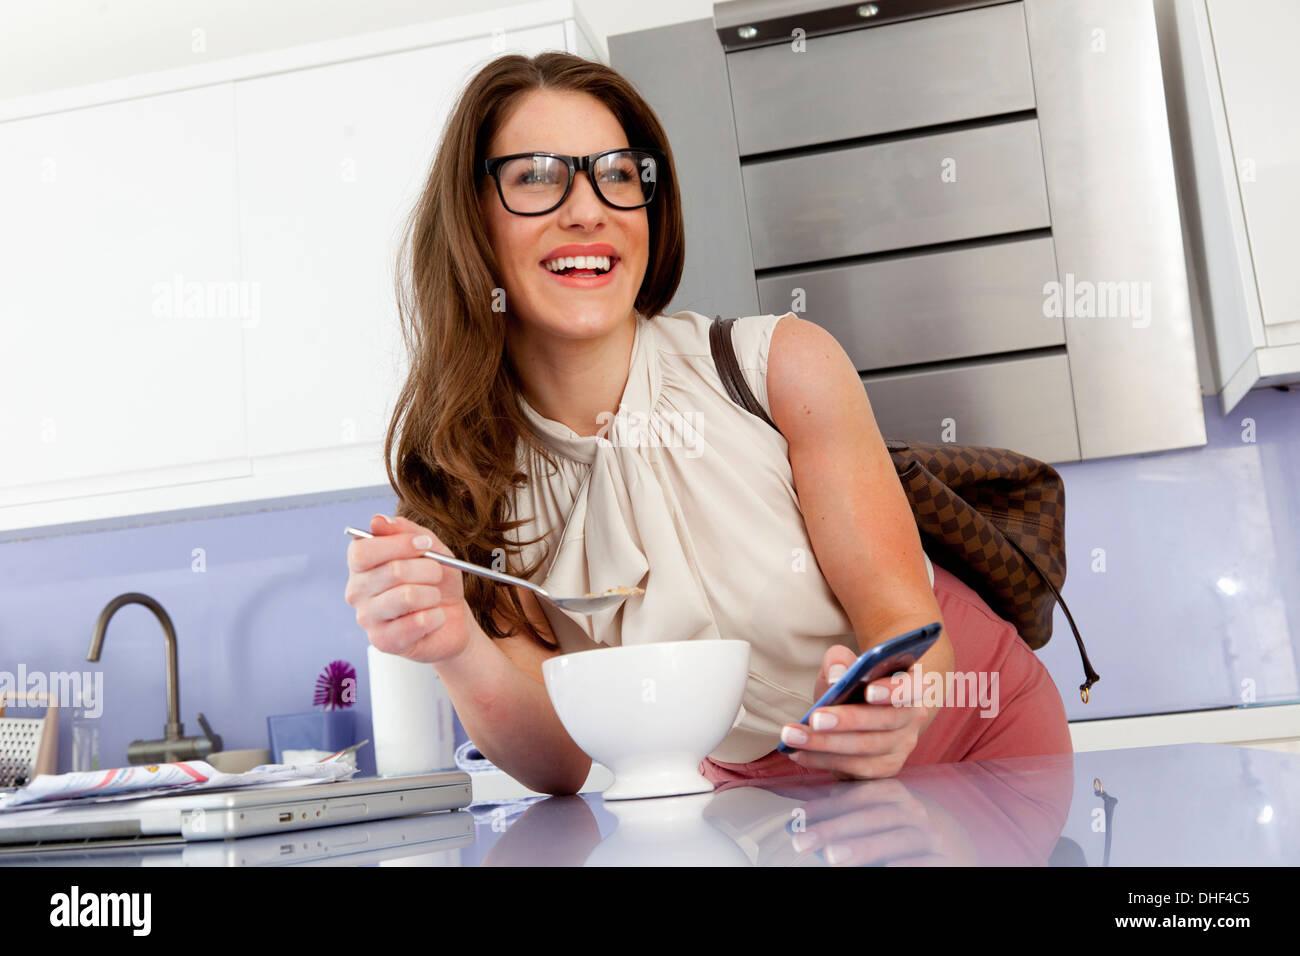 Junge Frau beim Frühstück mit Handy Stockbild